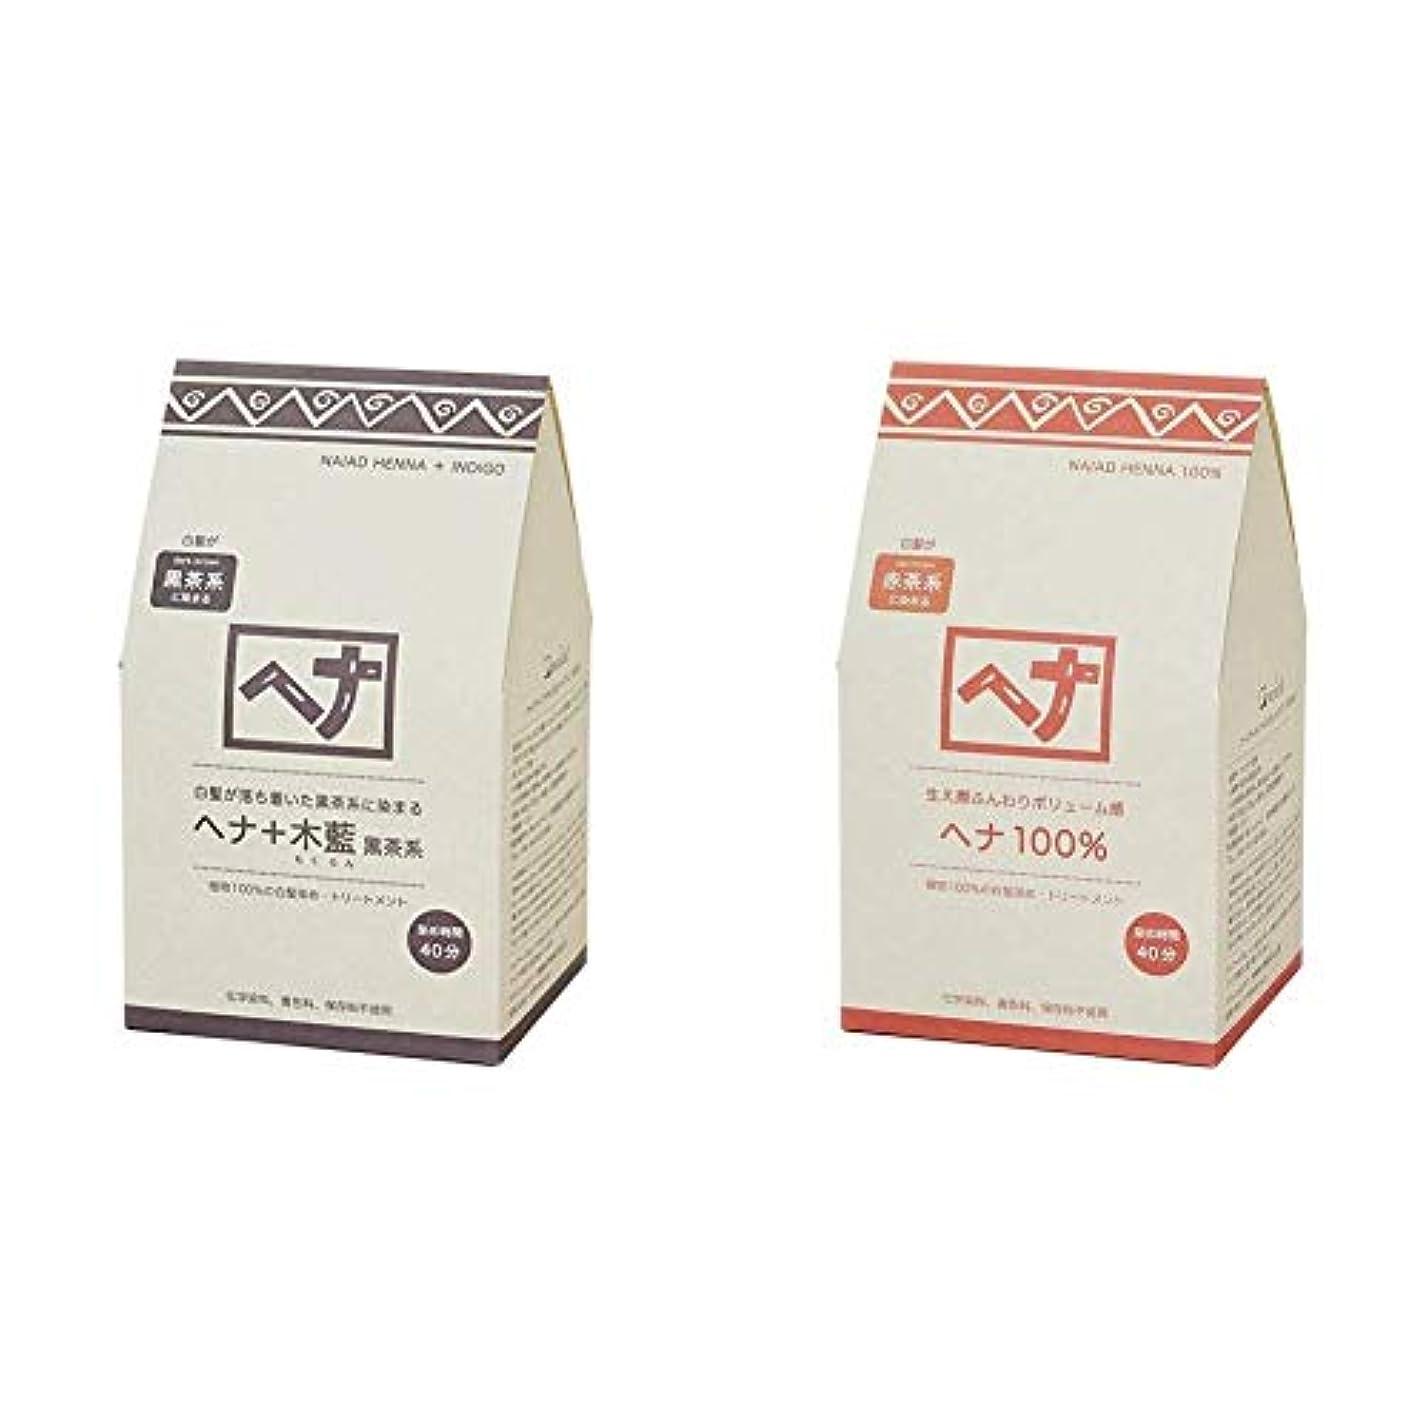 平日レタス検体Naiad(ナイアード) ヘナ+木藍 黒茶系 400g & ヘナ 100% 400g